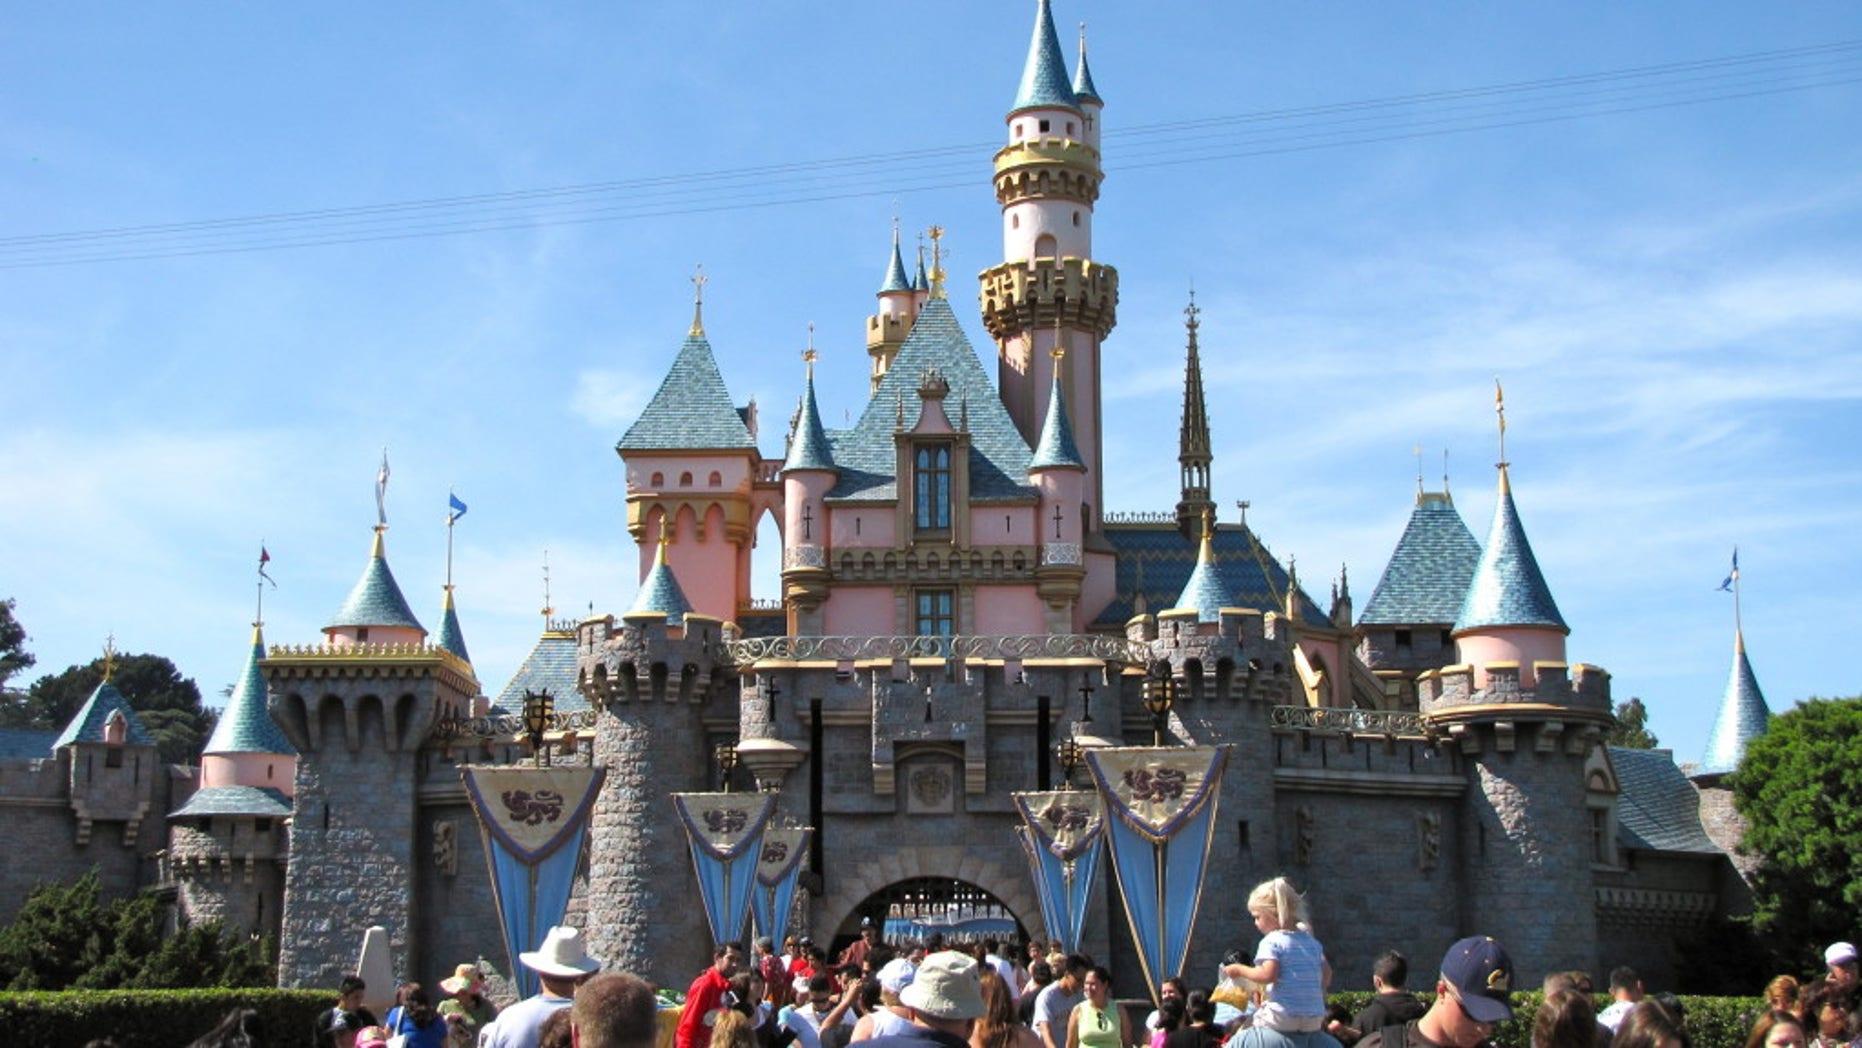 Anaheim, Calif. is home to Disneyland and Angel Stadium.